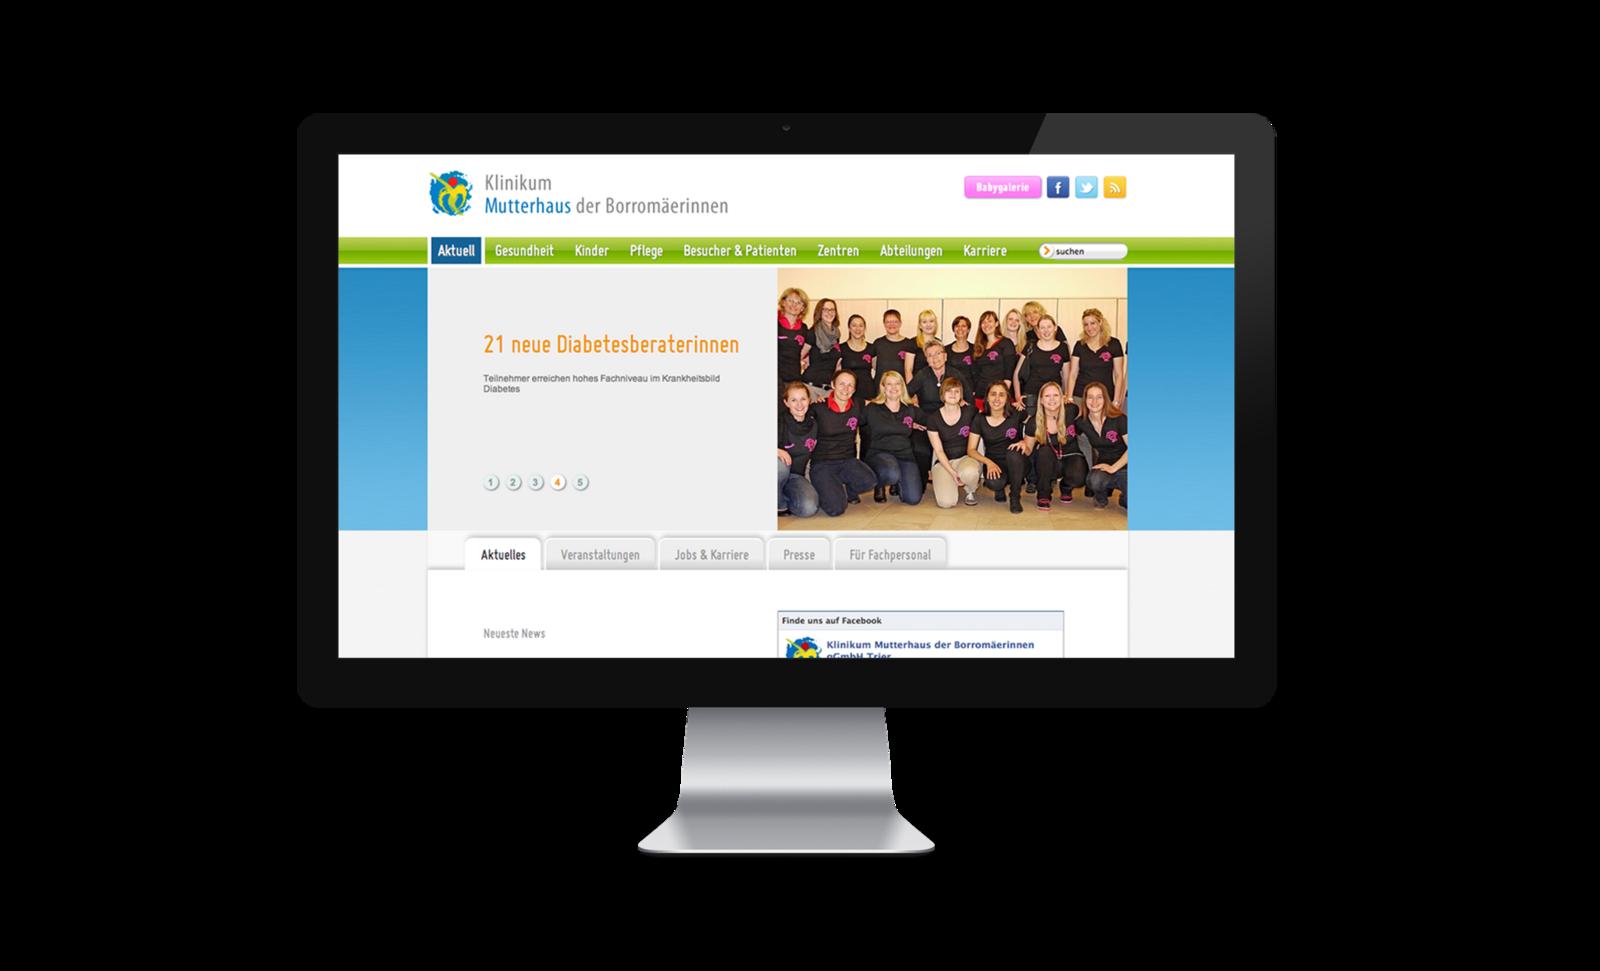 Webseite Klinikum Mutterhaus der Borromäerinnen